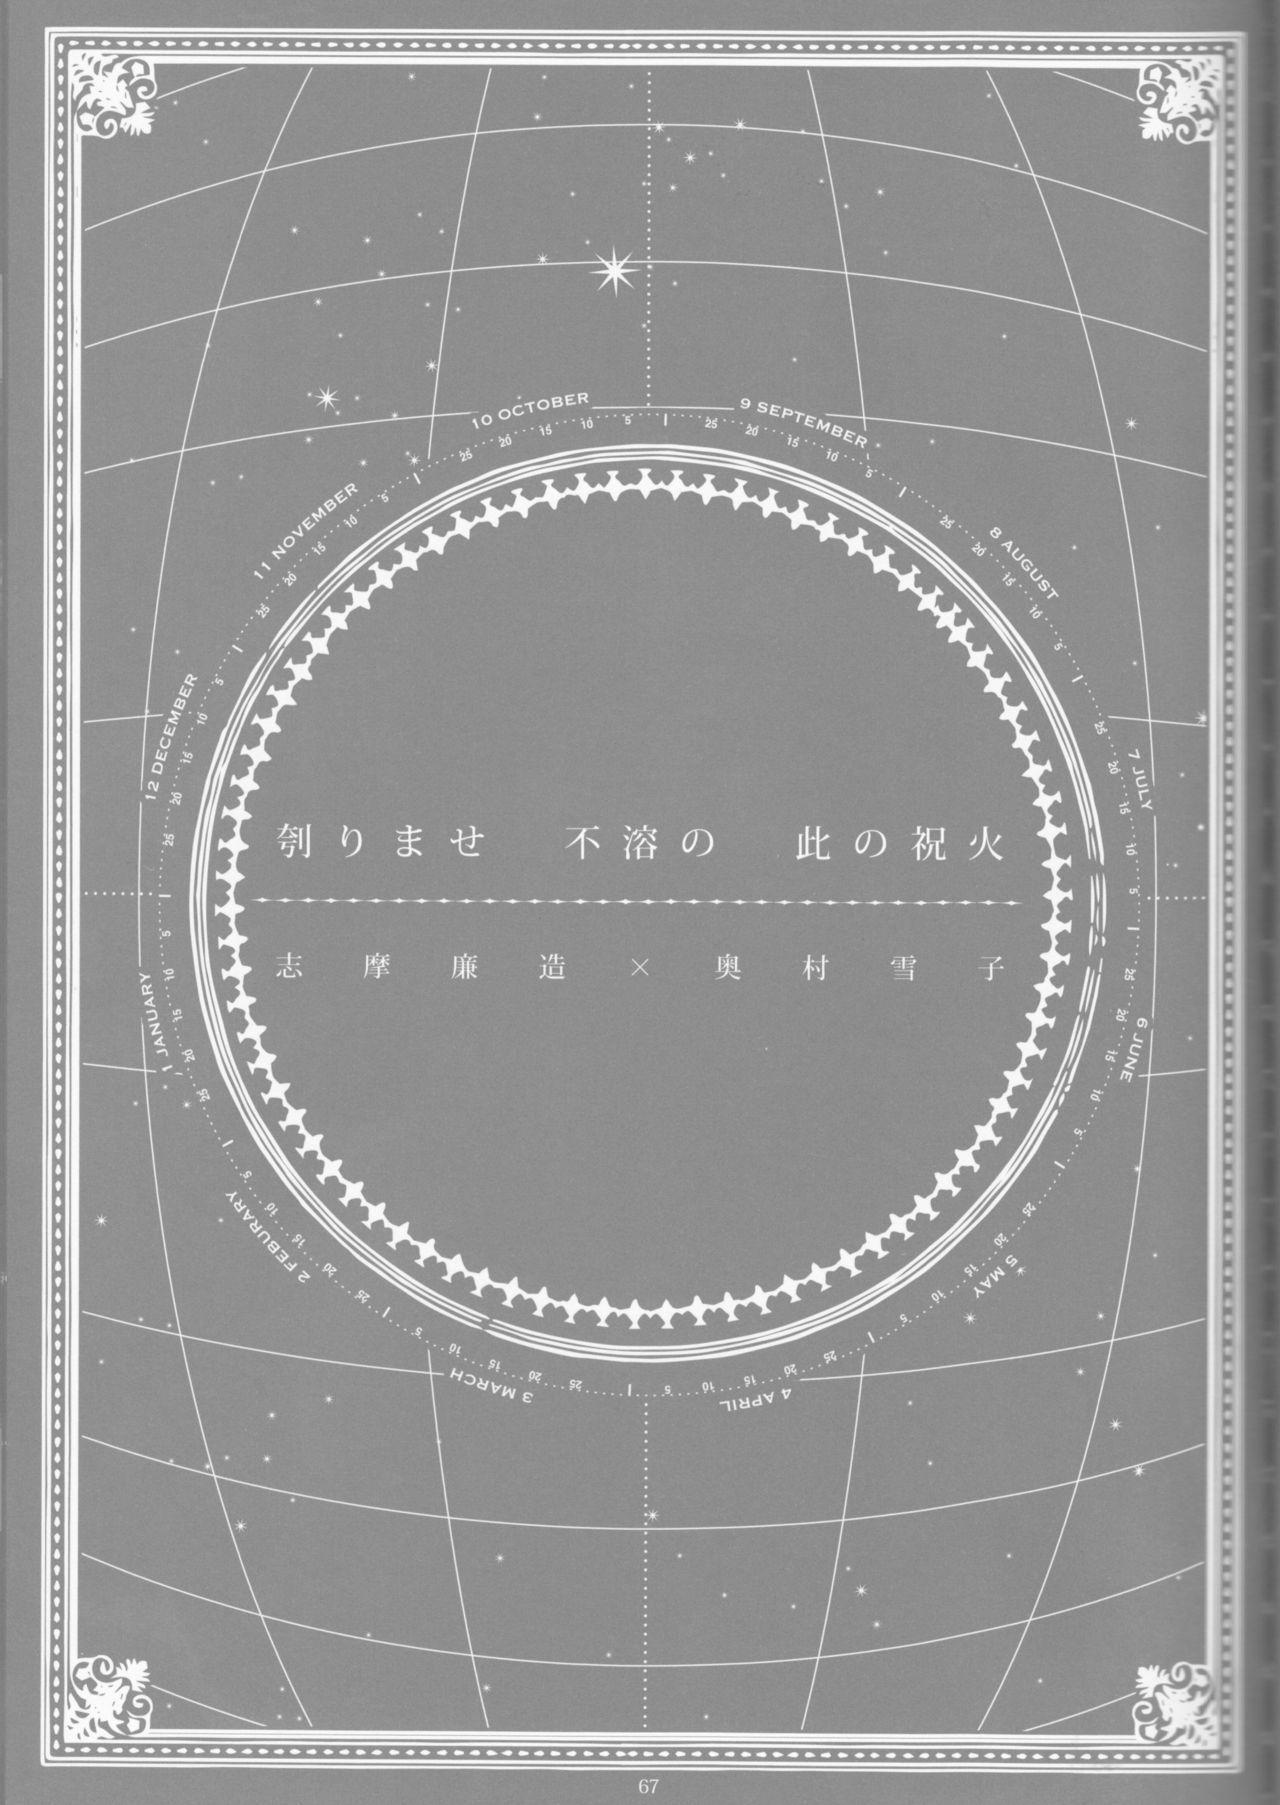 Toge hikari no navu~igātoria book 2(blue exorcist] 65